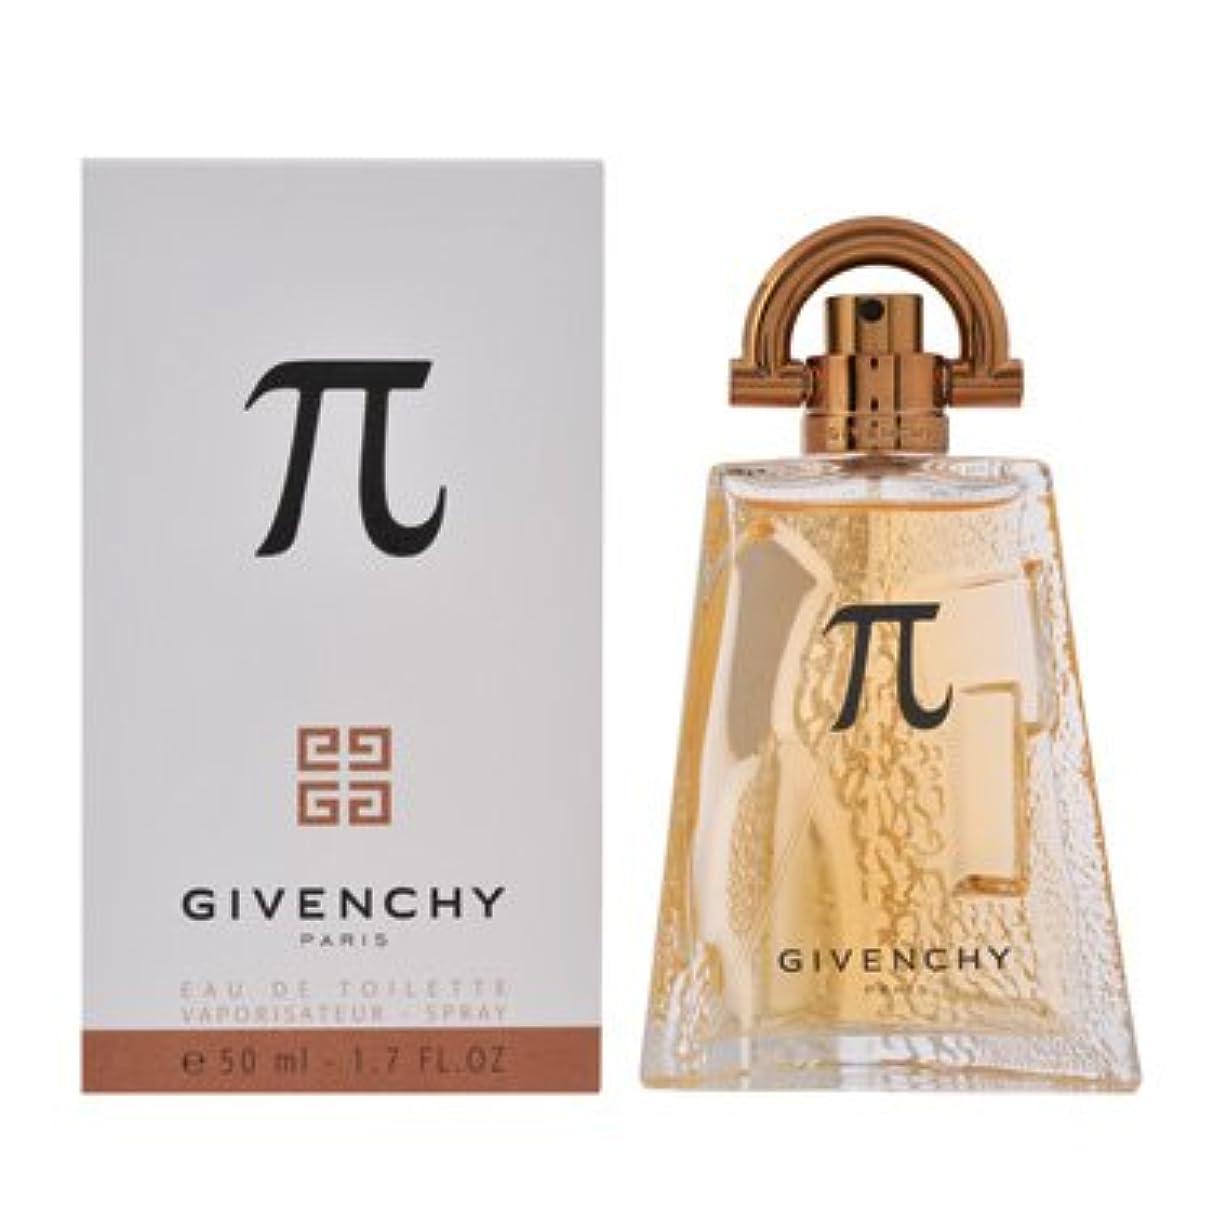 ピービッシュ連帯メッシュGIVENCHY(ジバンシイ) GIVENCHY ジバンシイ パイ EDT/50mL3274878222551 香水 フレグランス 香水?フレグランス